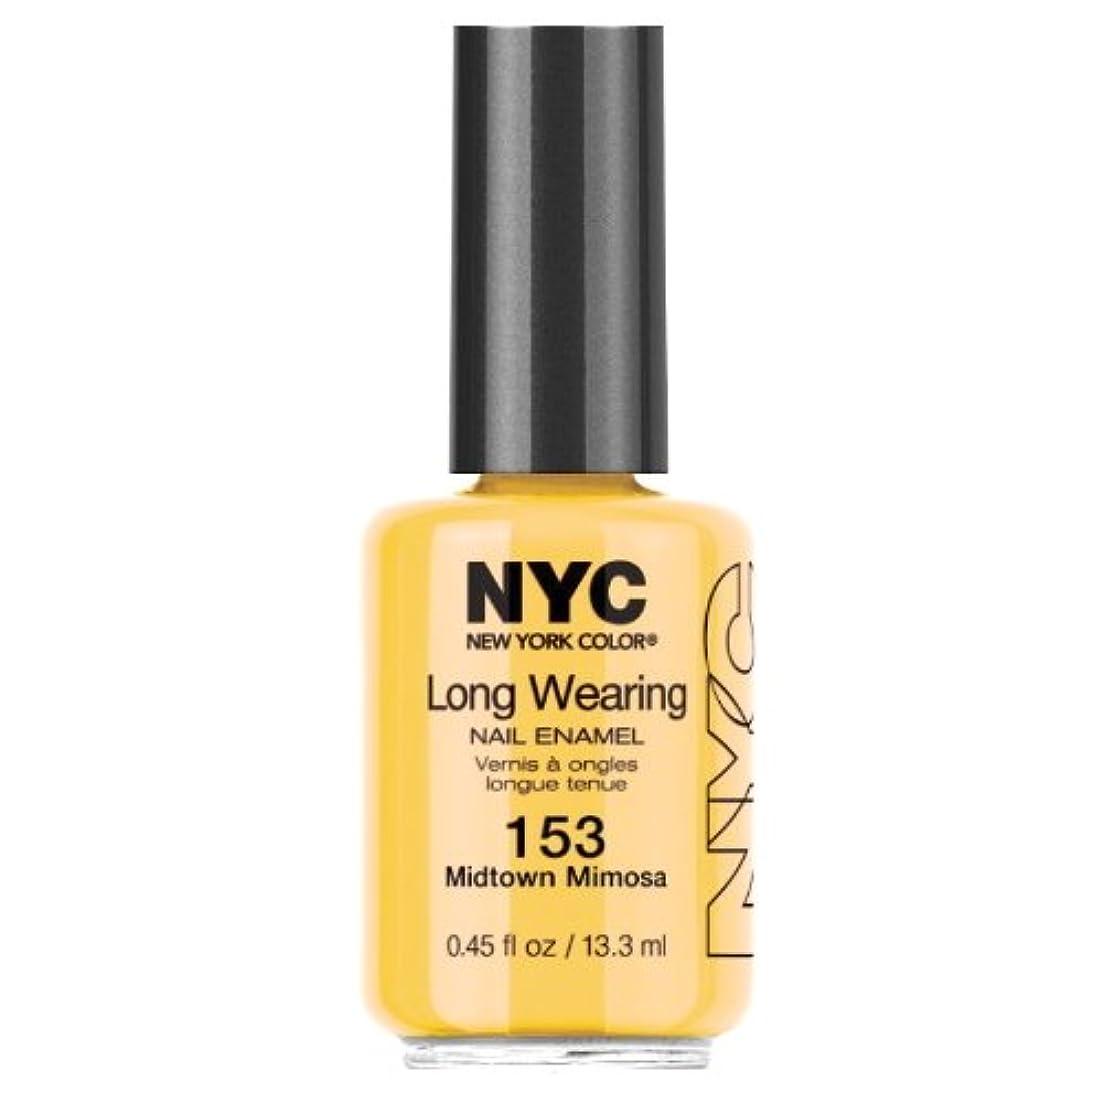 パース不良払い戻し(3 Pack) NYC Long Wearing Nail Enamel - Midtown Mimosa (並行輸入品)